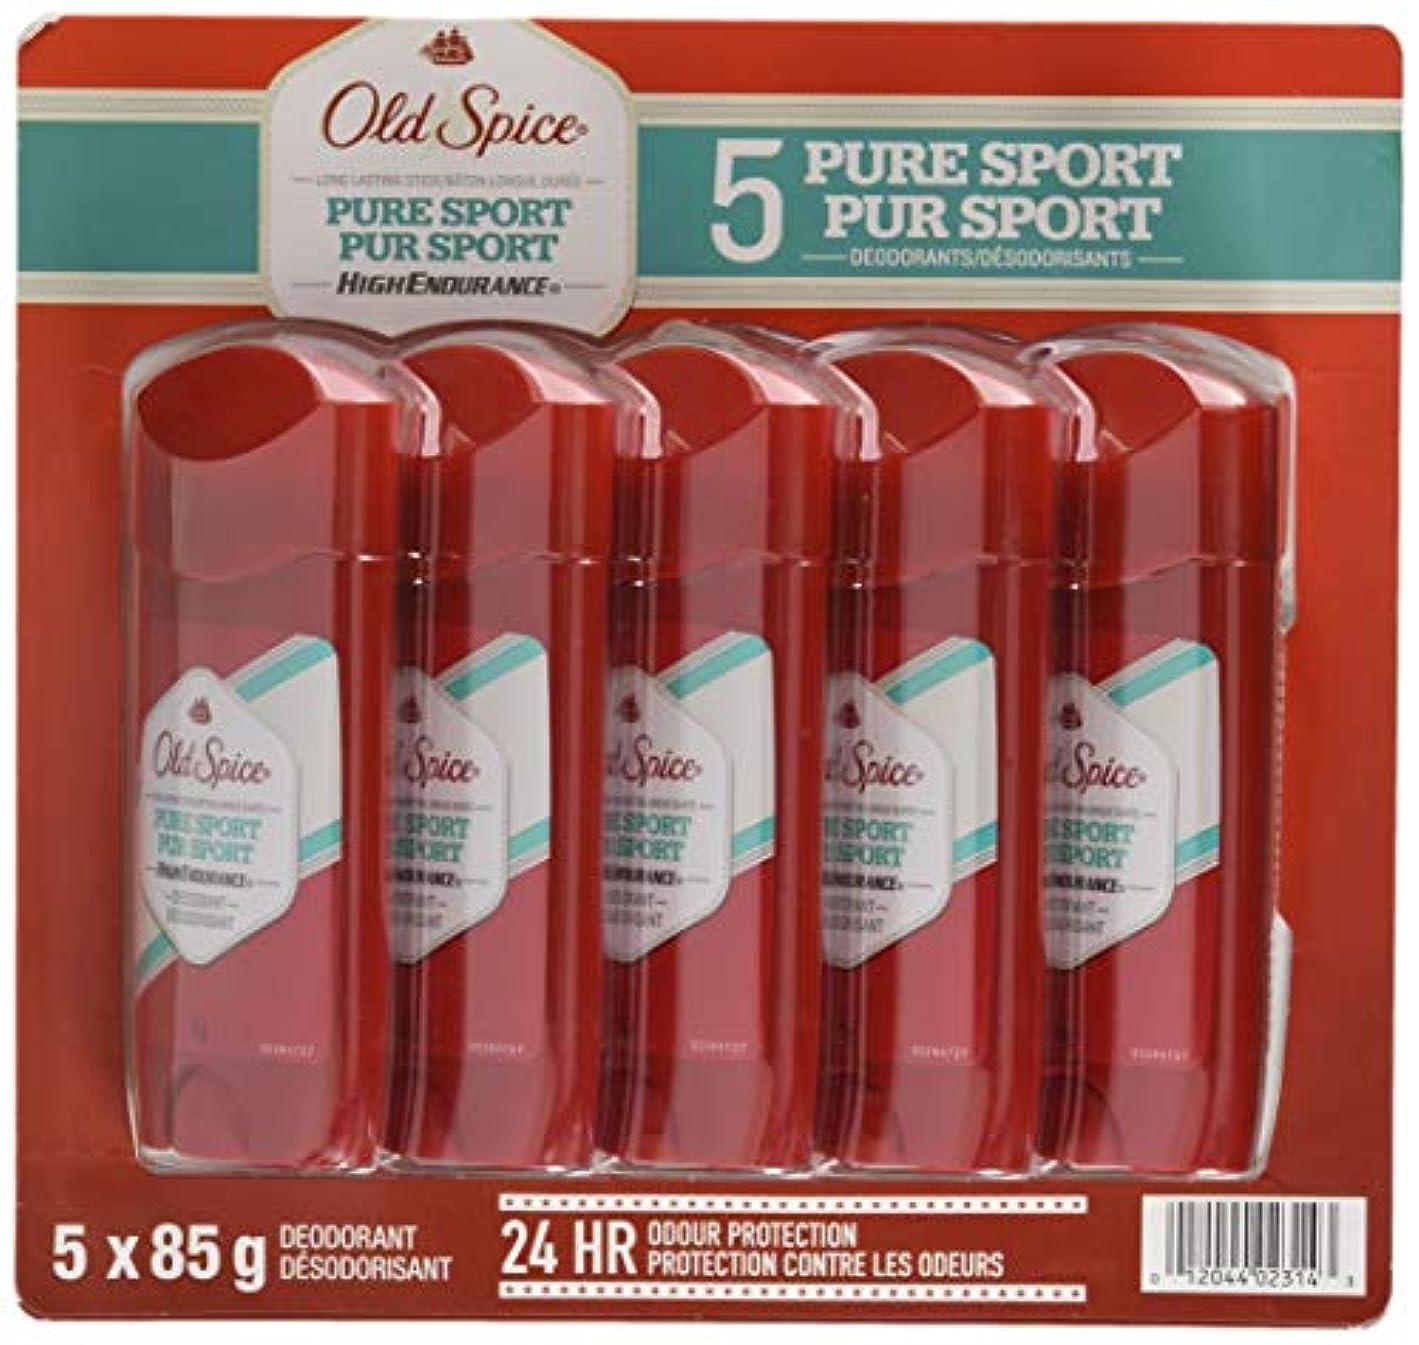 一握りひばり進化オールドスパイス ハイエンデュランス ピュアスポーツ デオドラント スティック 85g × 5個 並行輸入 Old Spice High Endurance Pure Sport 3.0 oz Pack of 5